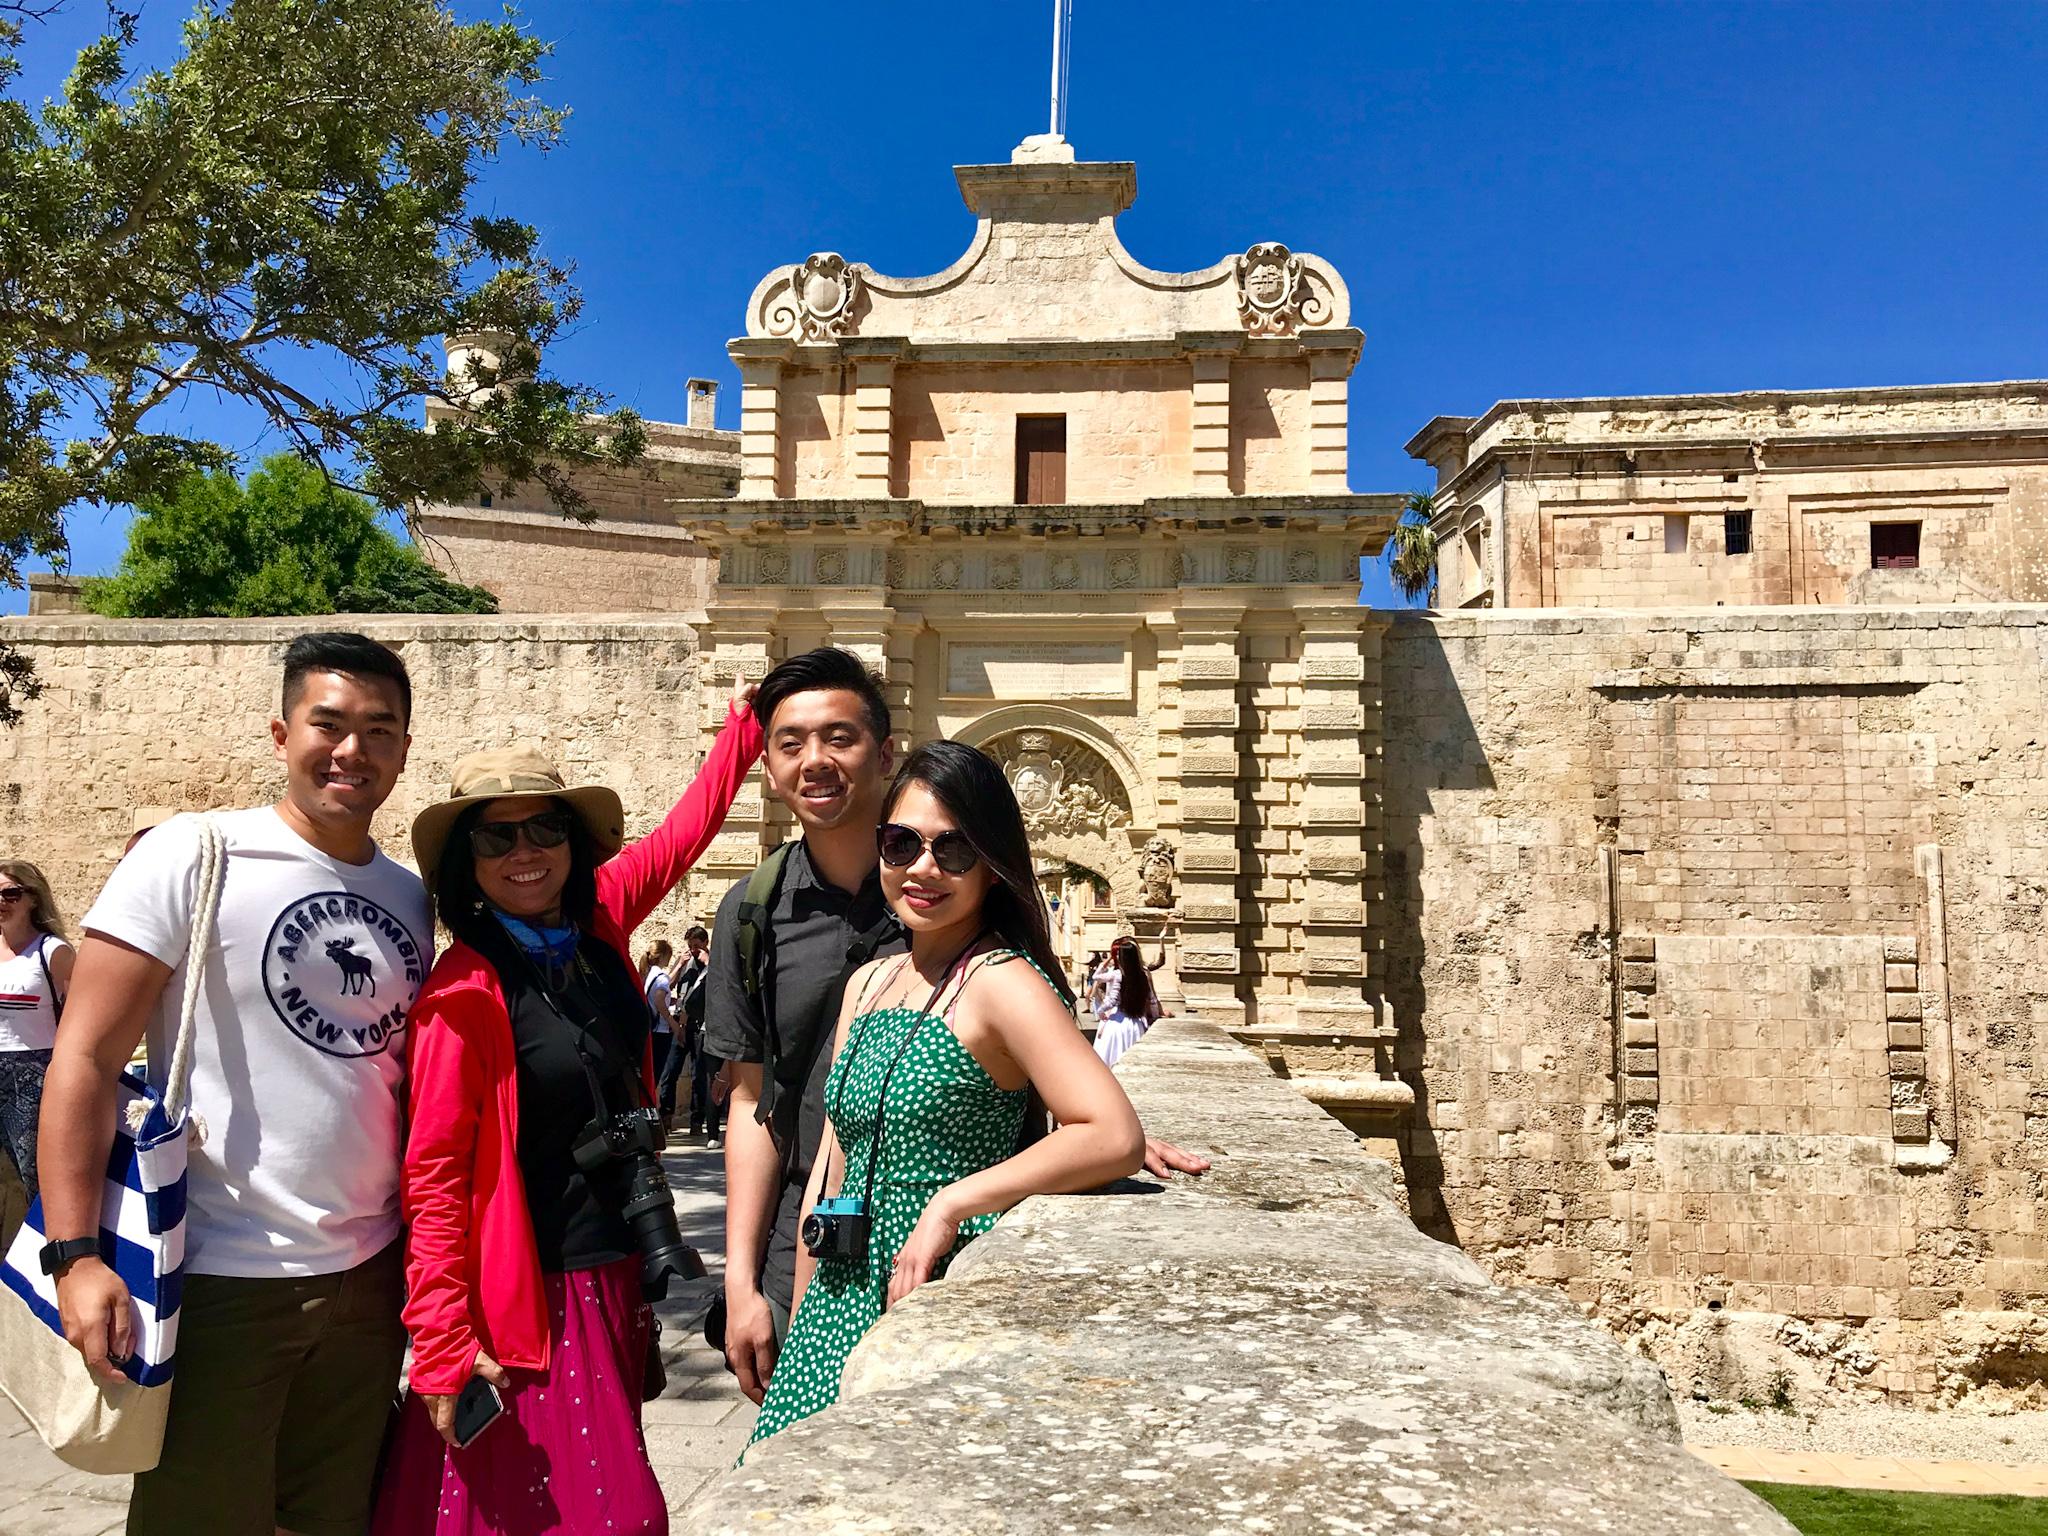 At the entrance of Mdina